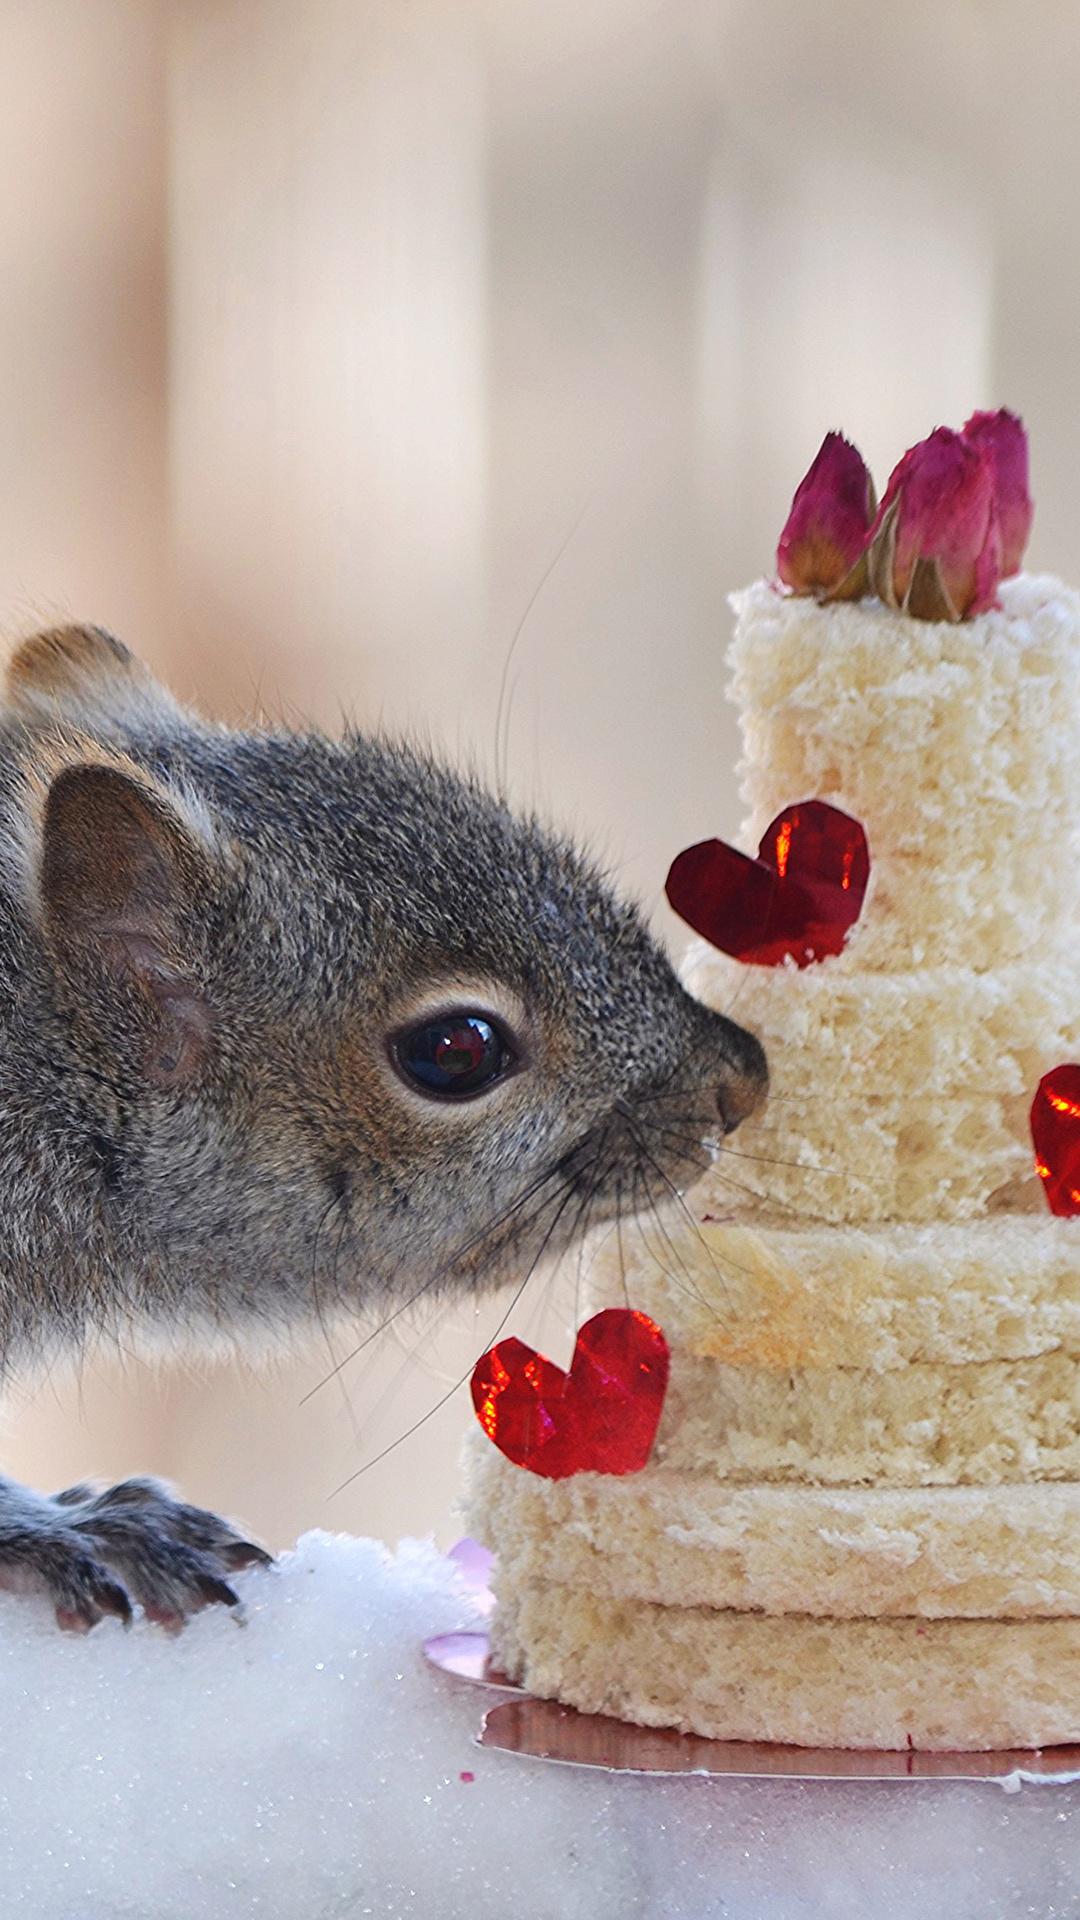 Обои для рабочего стола Белки сердца Торты Пища Животные сладкая еда 1080x1920 серце Сердце сердечко Еда Продукты питания животное Сладости